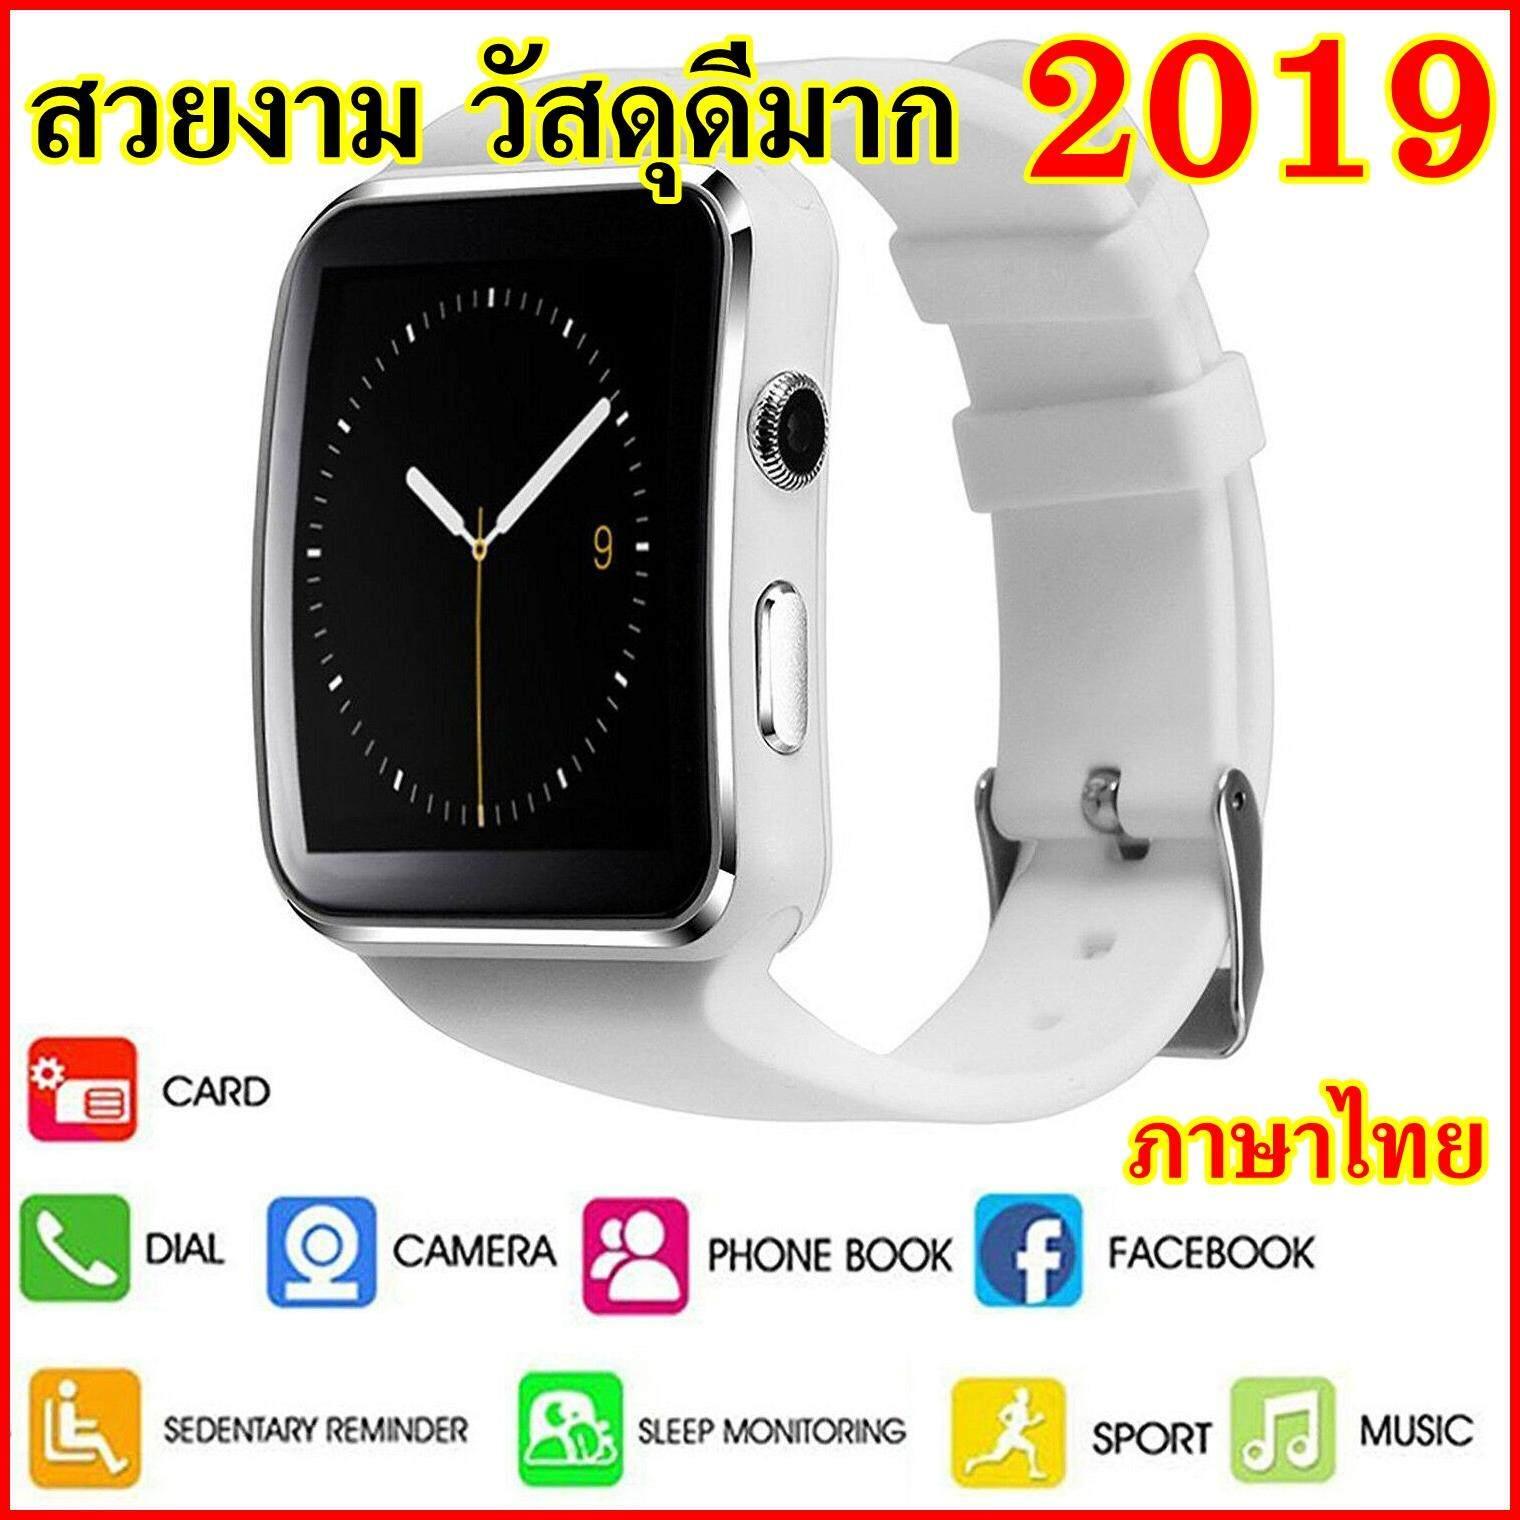 นาฬิกาโทรศัพท์ Smart Watch Watch  ของแท้100% (white)สวยงามที่สุด คุ้มราคาที่สุด ครบทุกฟังชั้น Bluetooth รุ่น X6.